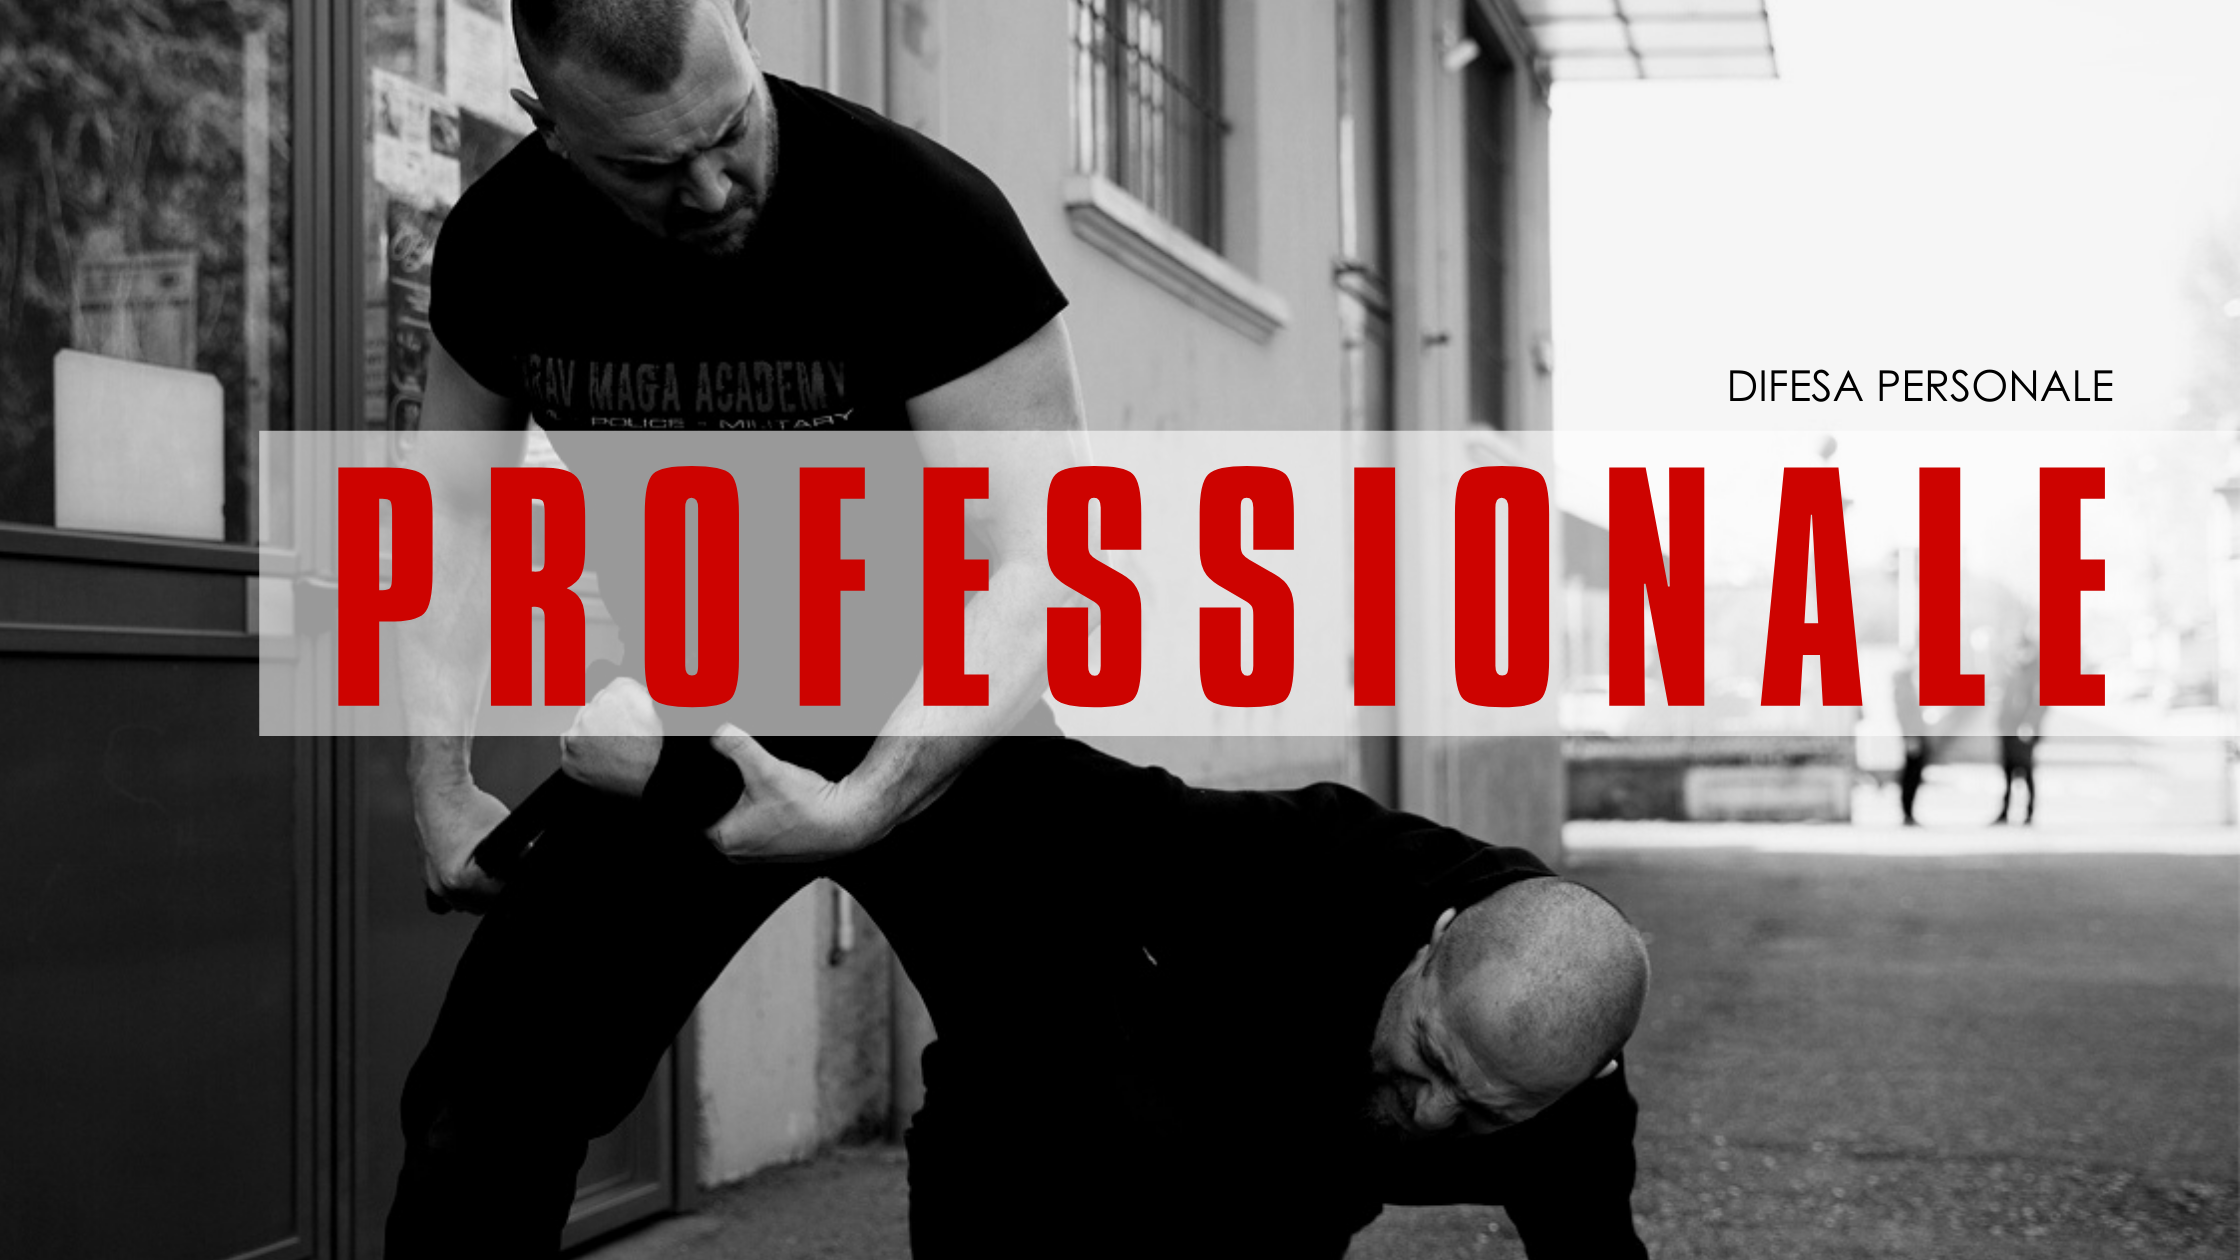 articolo difesa personale professionale